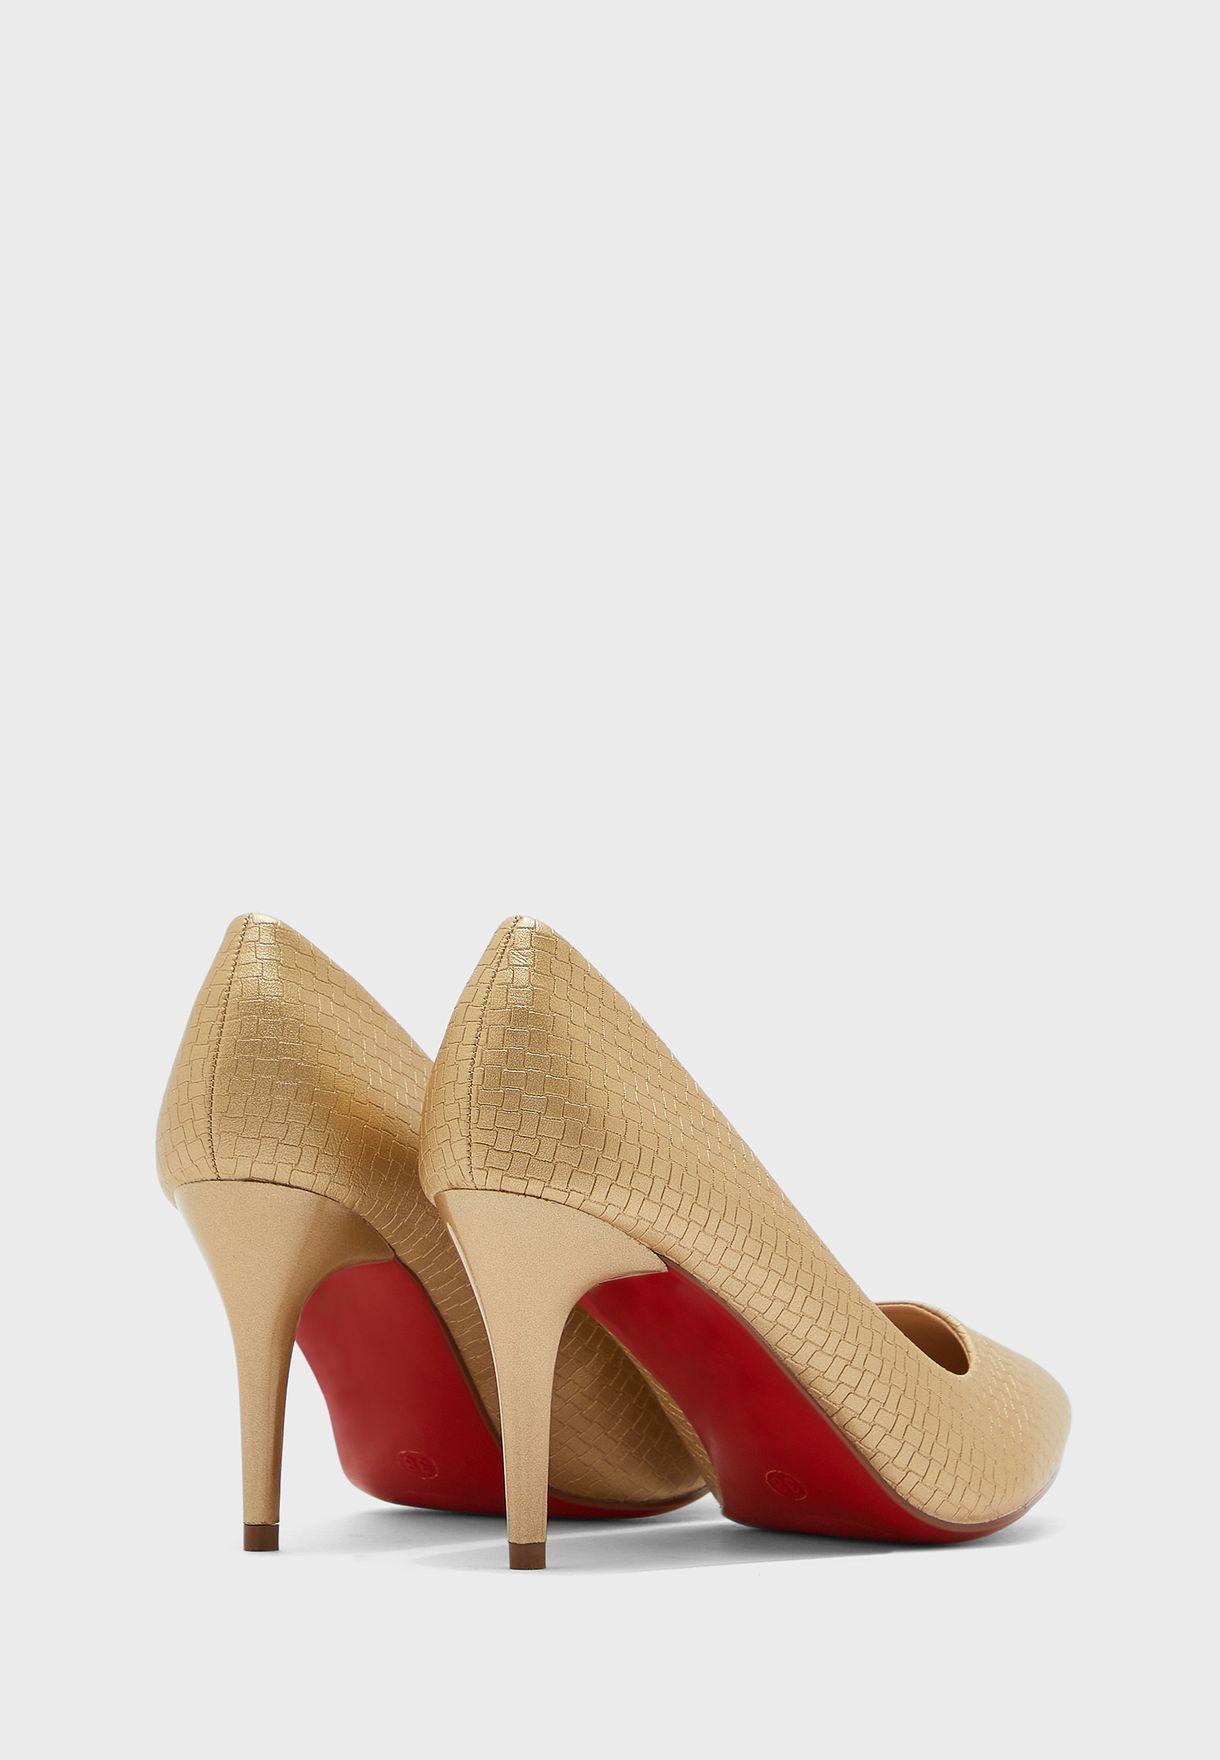 حذاء بكعب متوسط الطول